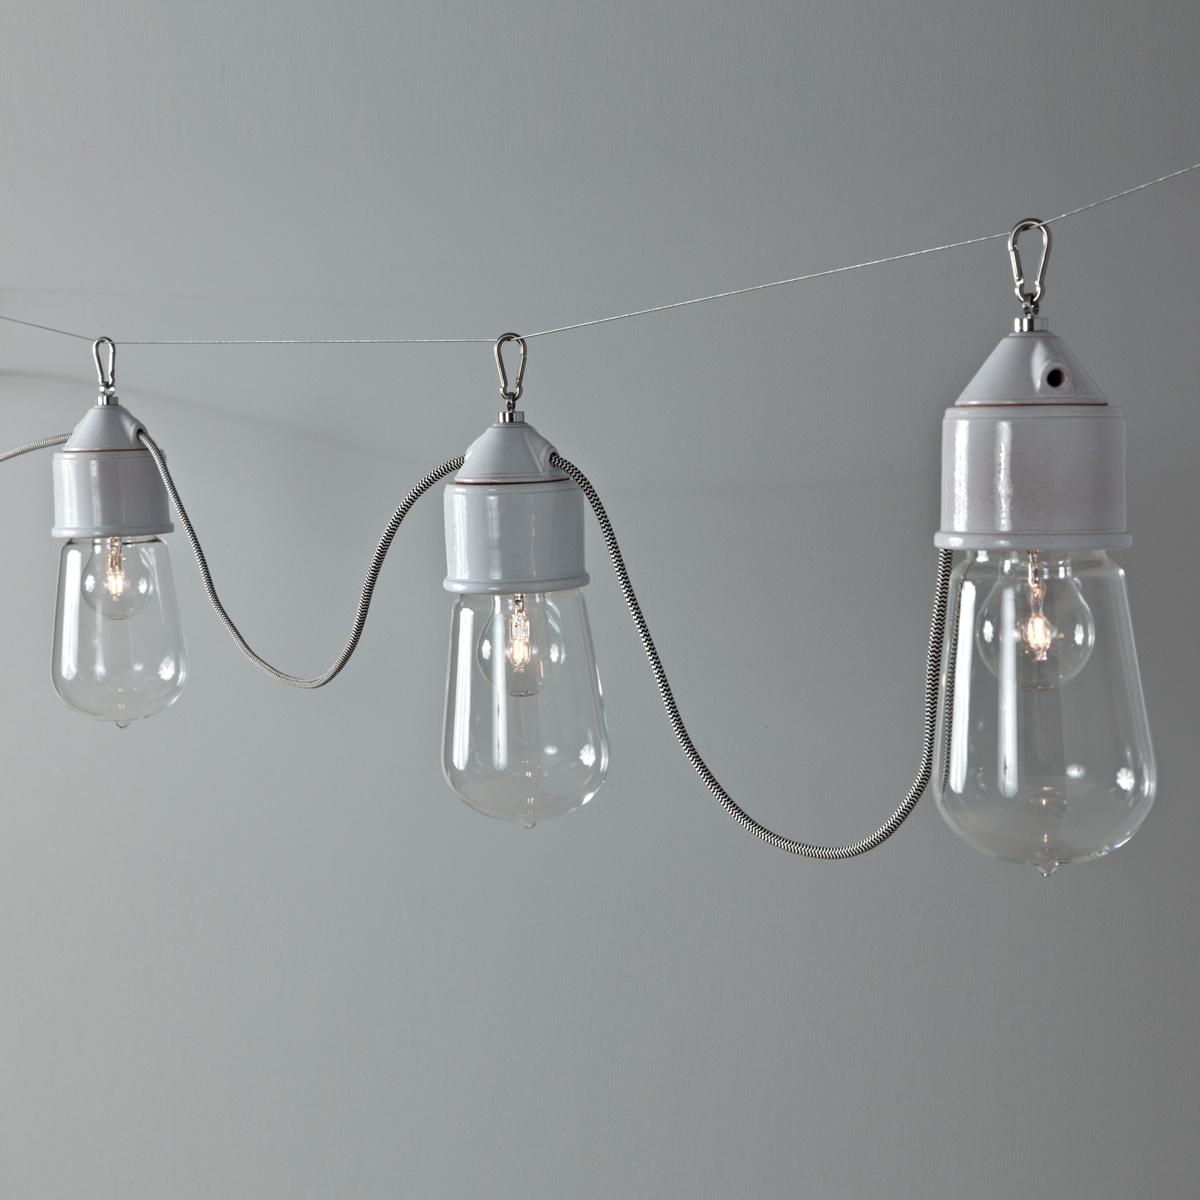 suspension multiple ampoule sur c ble lampe de style. Black Bedroom Furniture Sets. Home Design Ideas